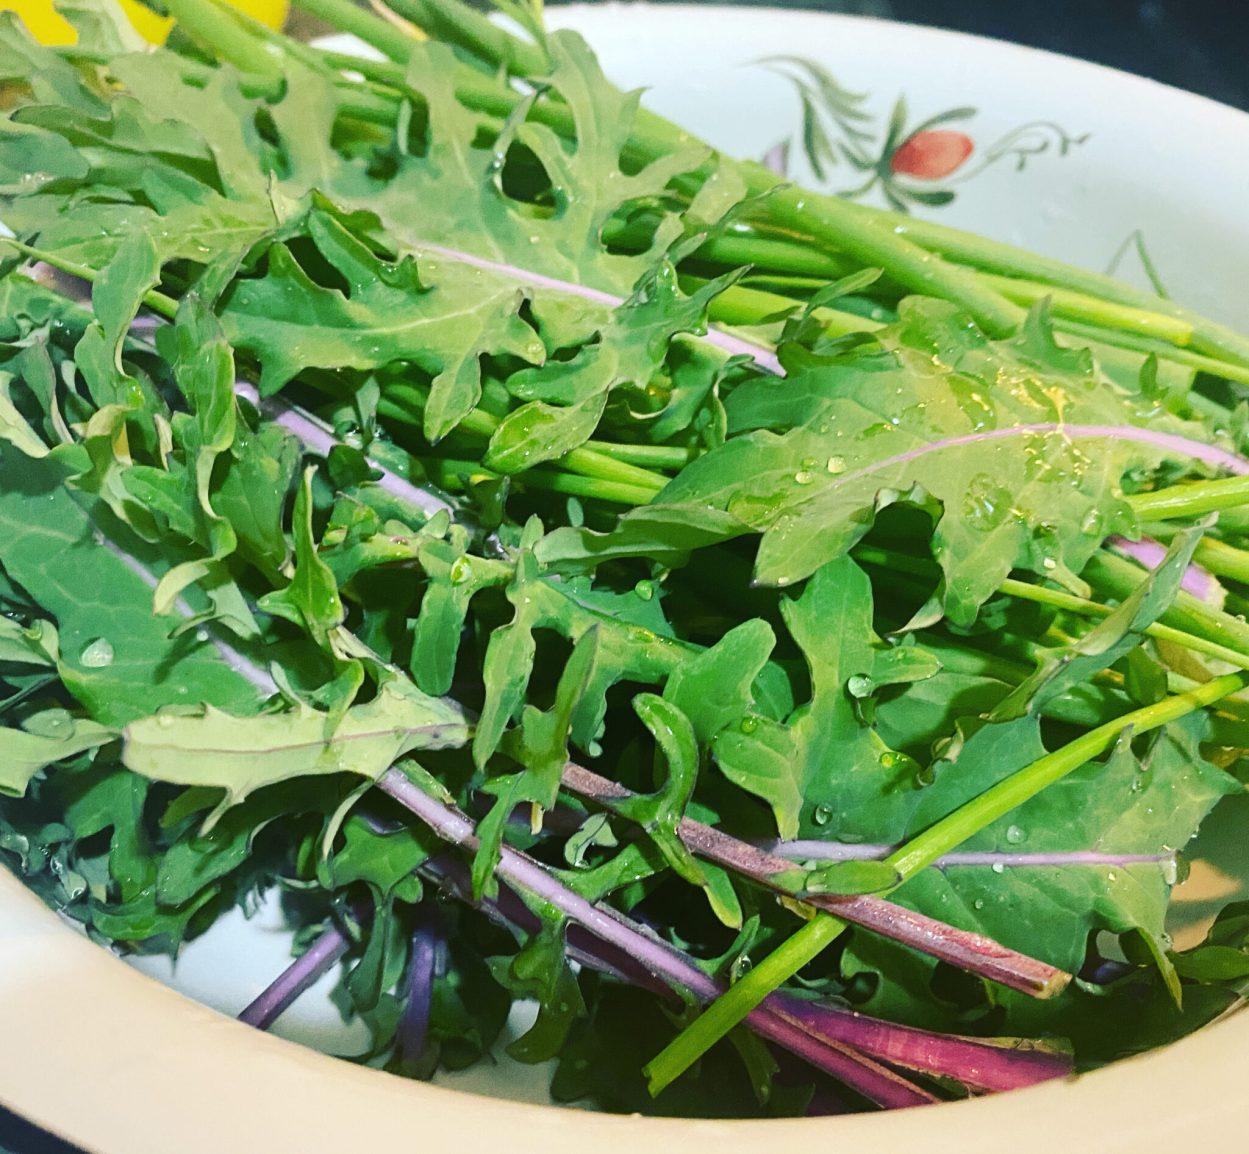 Russian Red Kale Organic Non-GMO